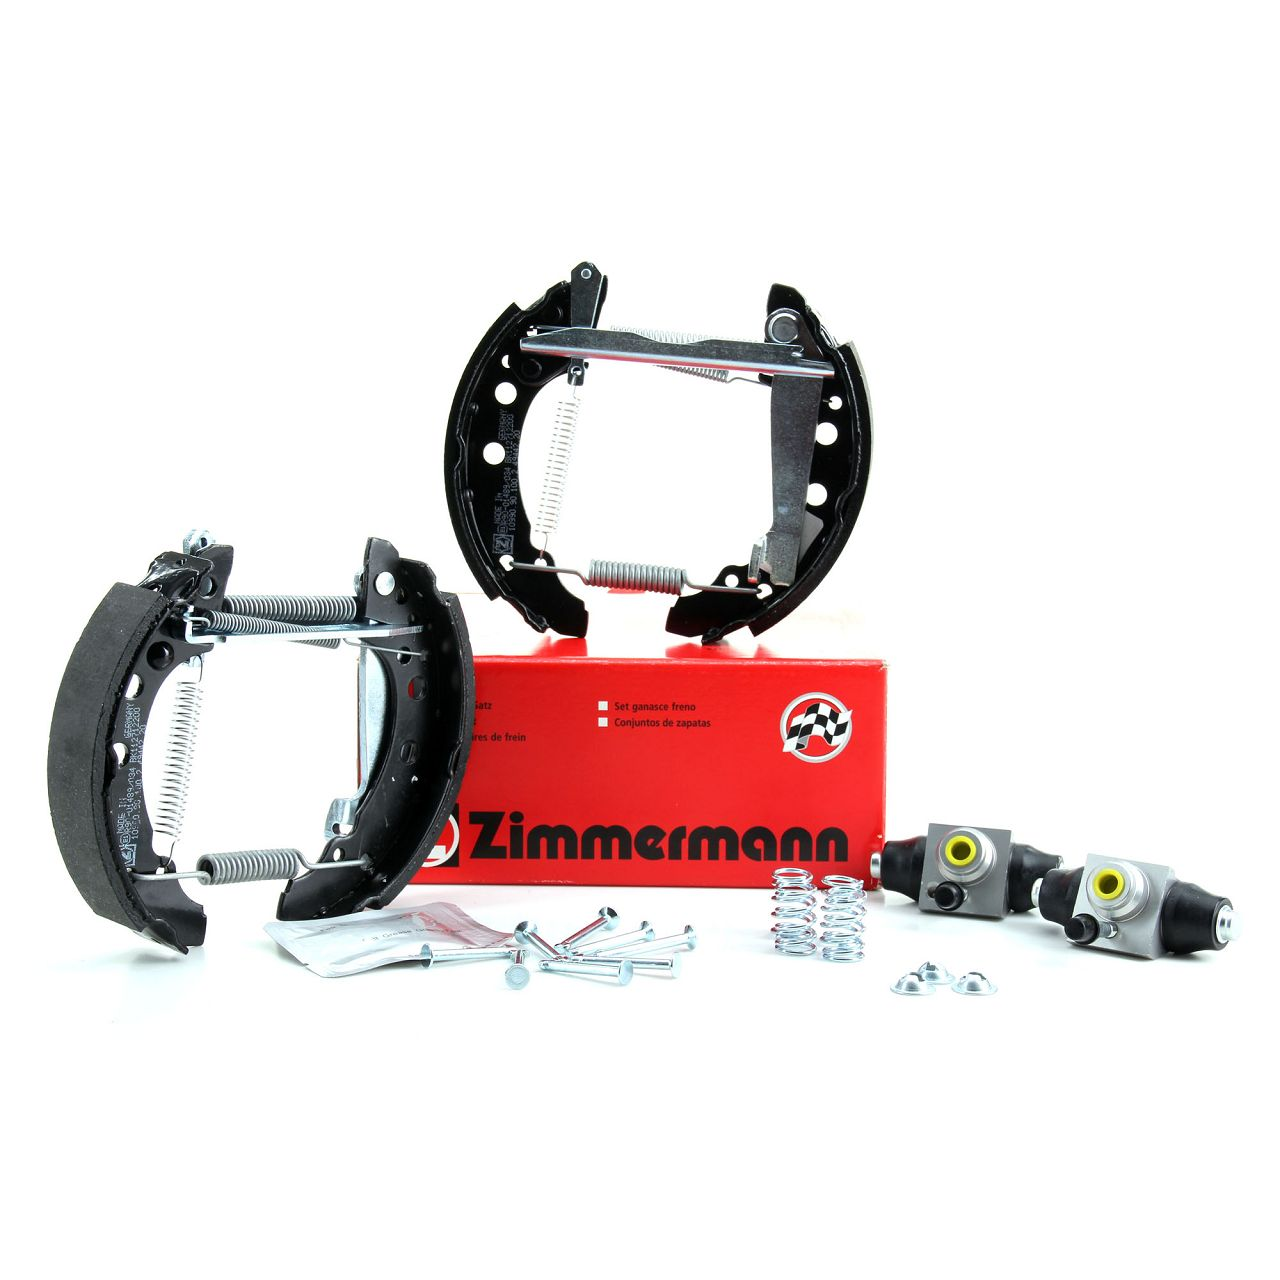 ZIMMERMANN Bremsbacken + Radbremszylinder Satz AUDI A80 SEAT Arosa VW Golf 1 2